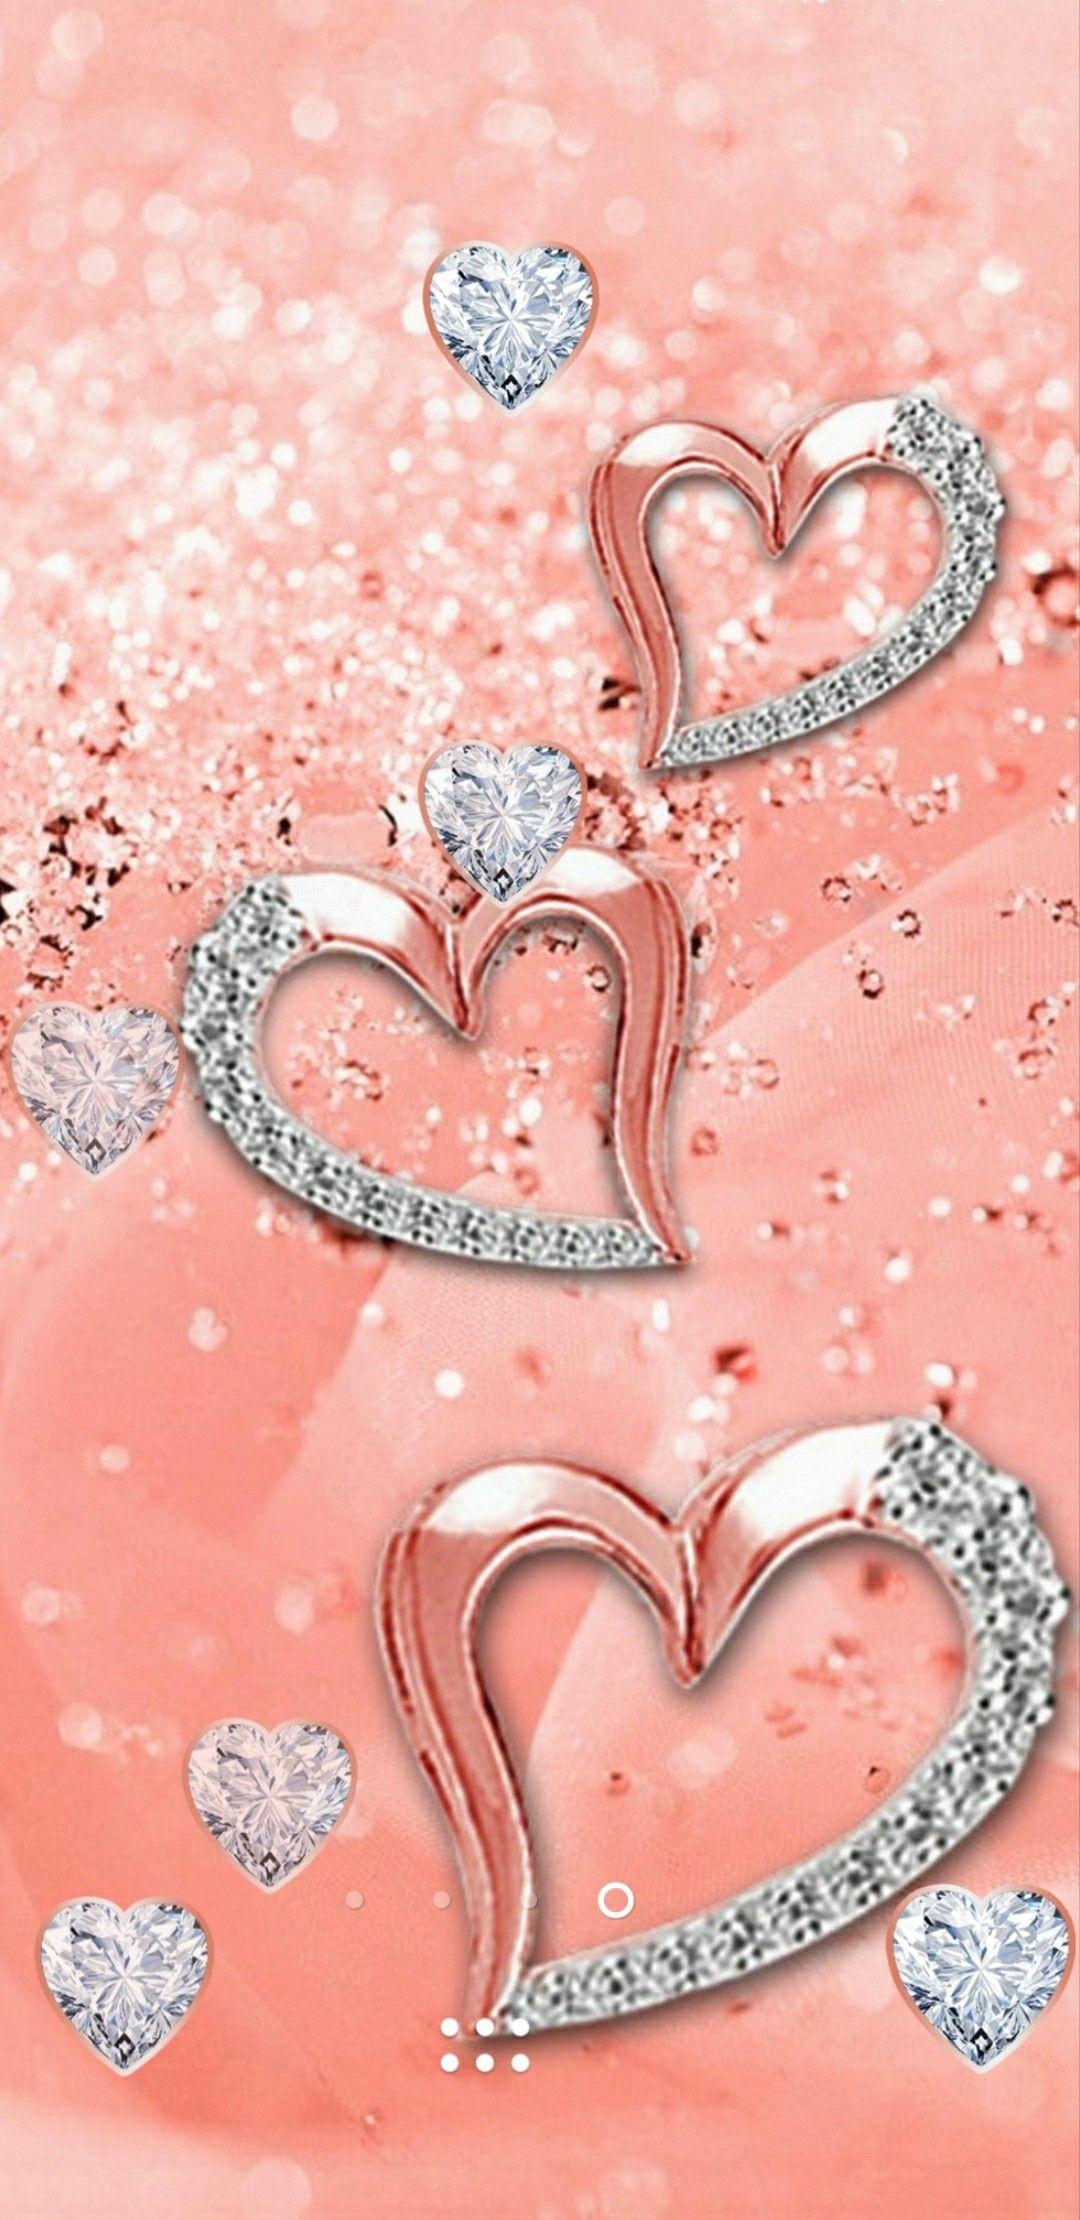 Rose Gold Wallpaper Cellphone Wallpaper Bling Wallpaper Love